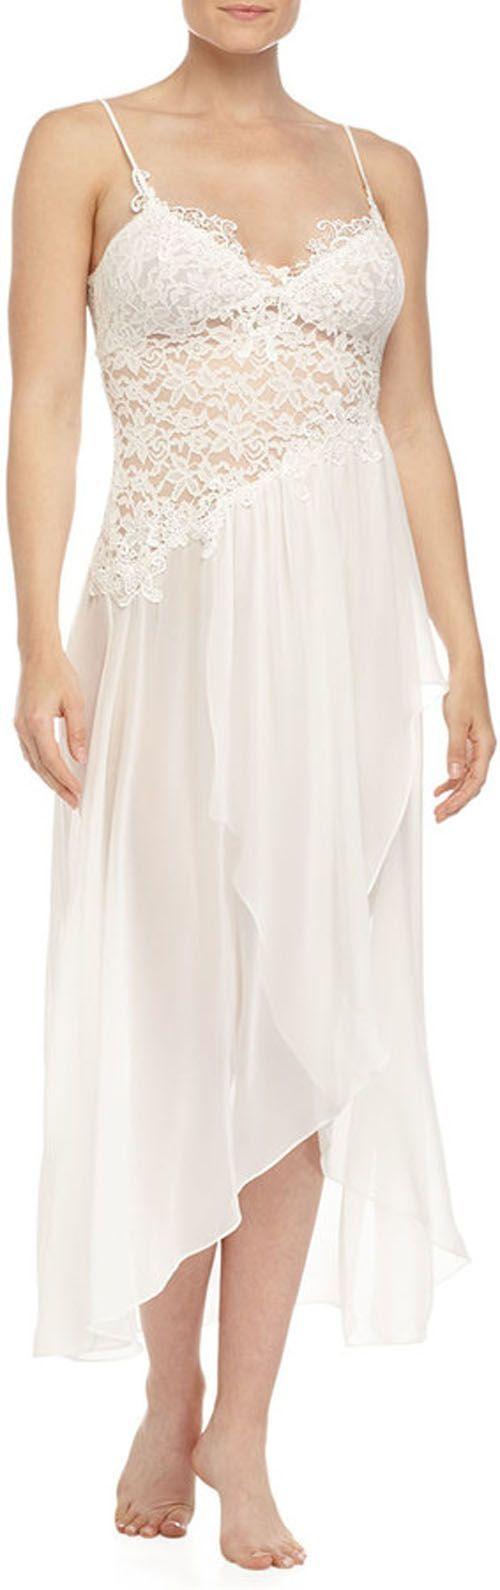 Frauen Hochzeit Kleidung